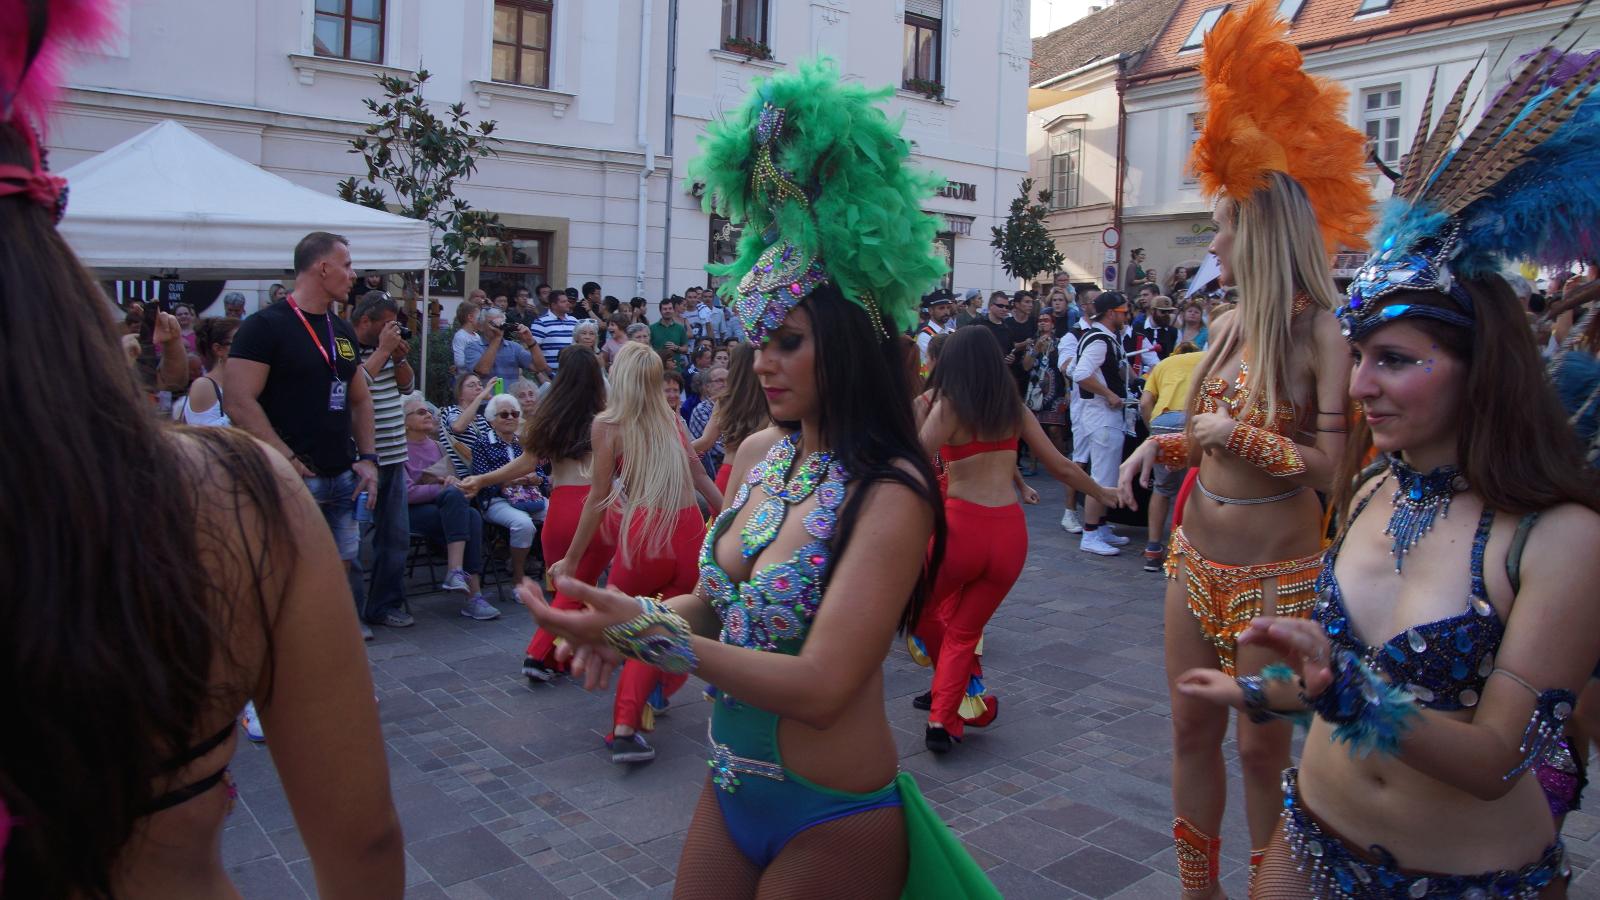 Szambatáncosokkal súlyosbított őrült jelmezes karnevál forgatja fel a pécsi  belvárost – Majd jött egy ritkán látott mértékű felhőszakadás - Szabad Pécs 866d6a8033